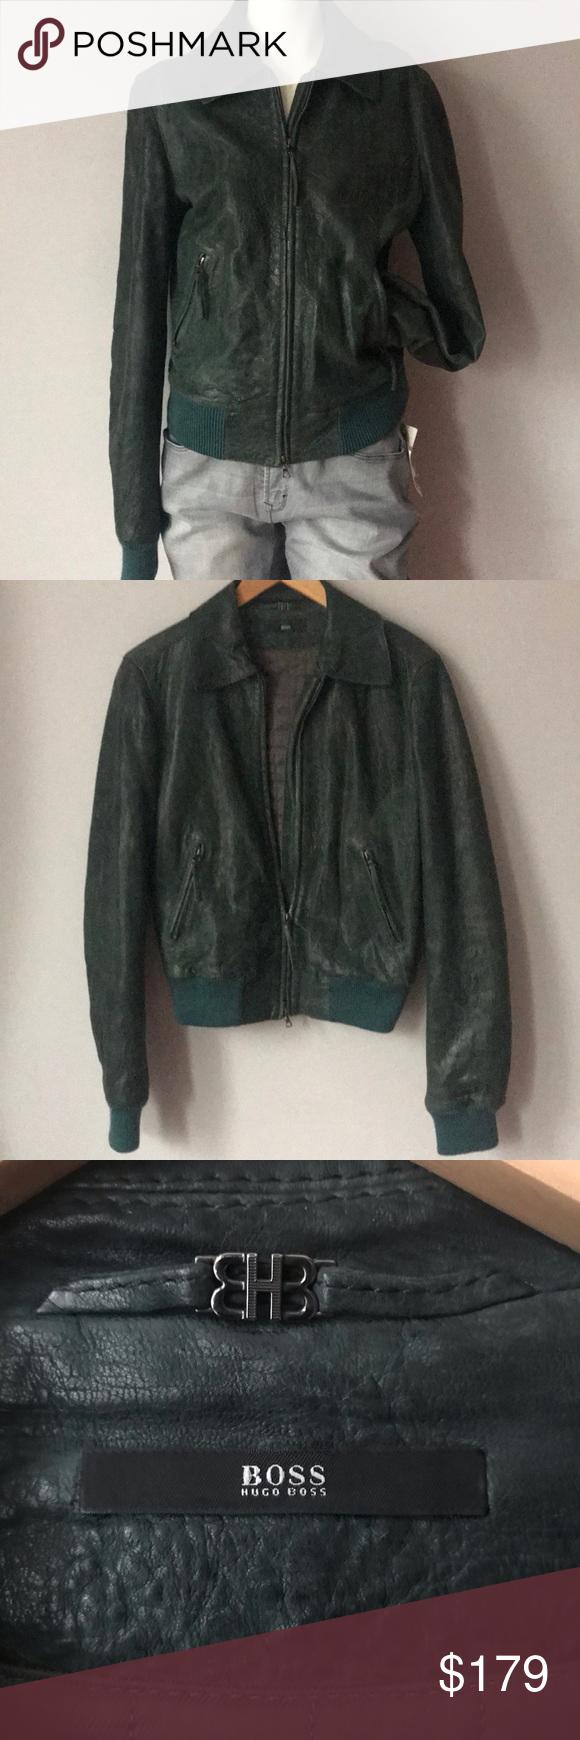 HUGO BOSS Leather Women's Jacket Leather jackets women